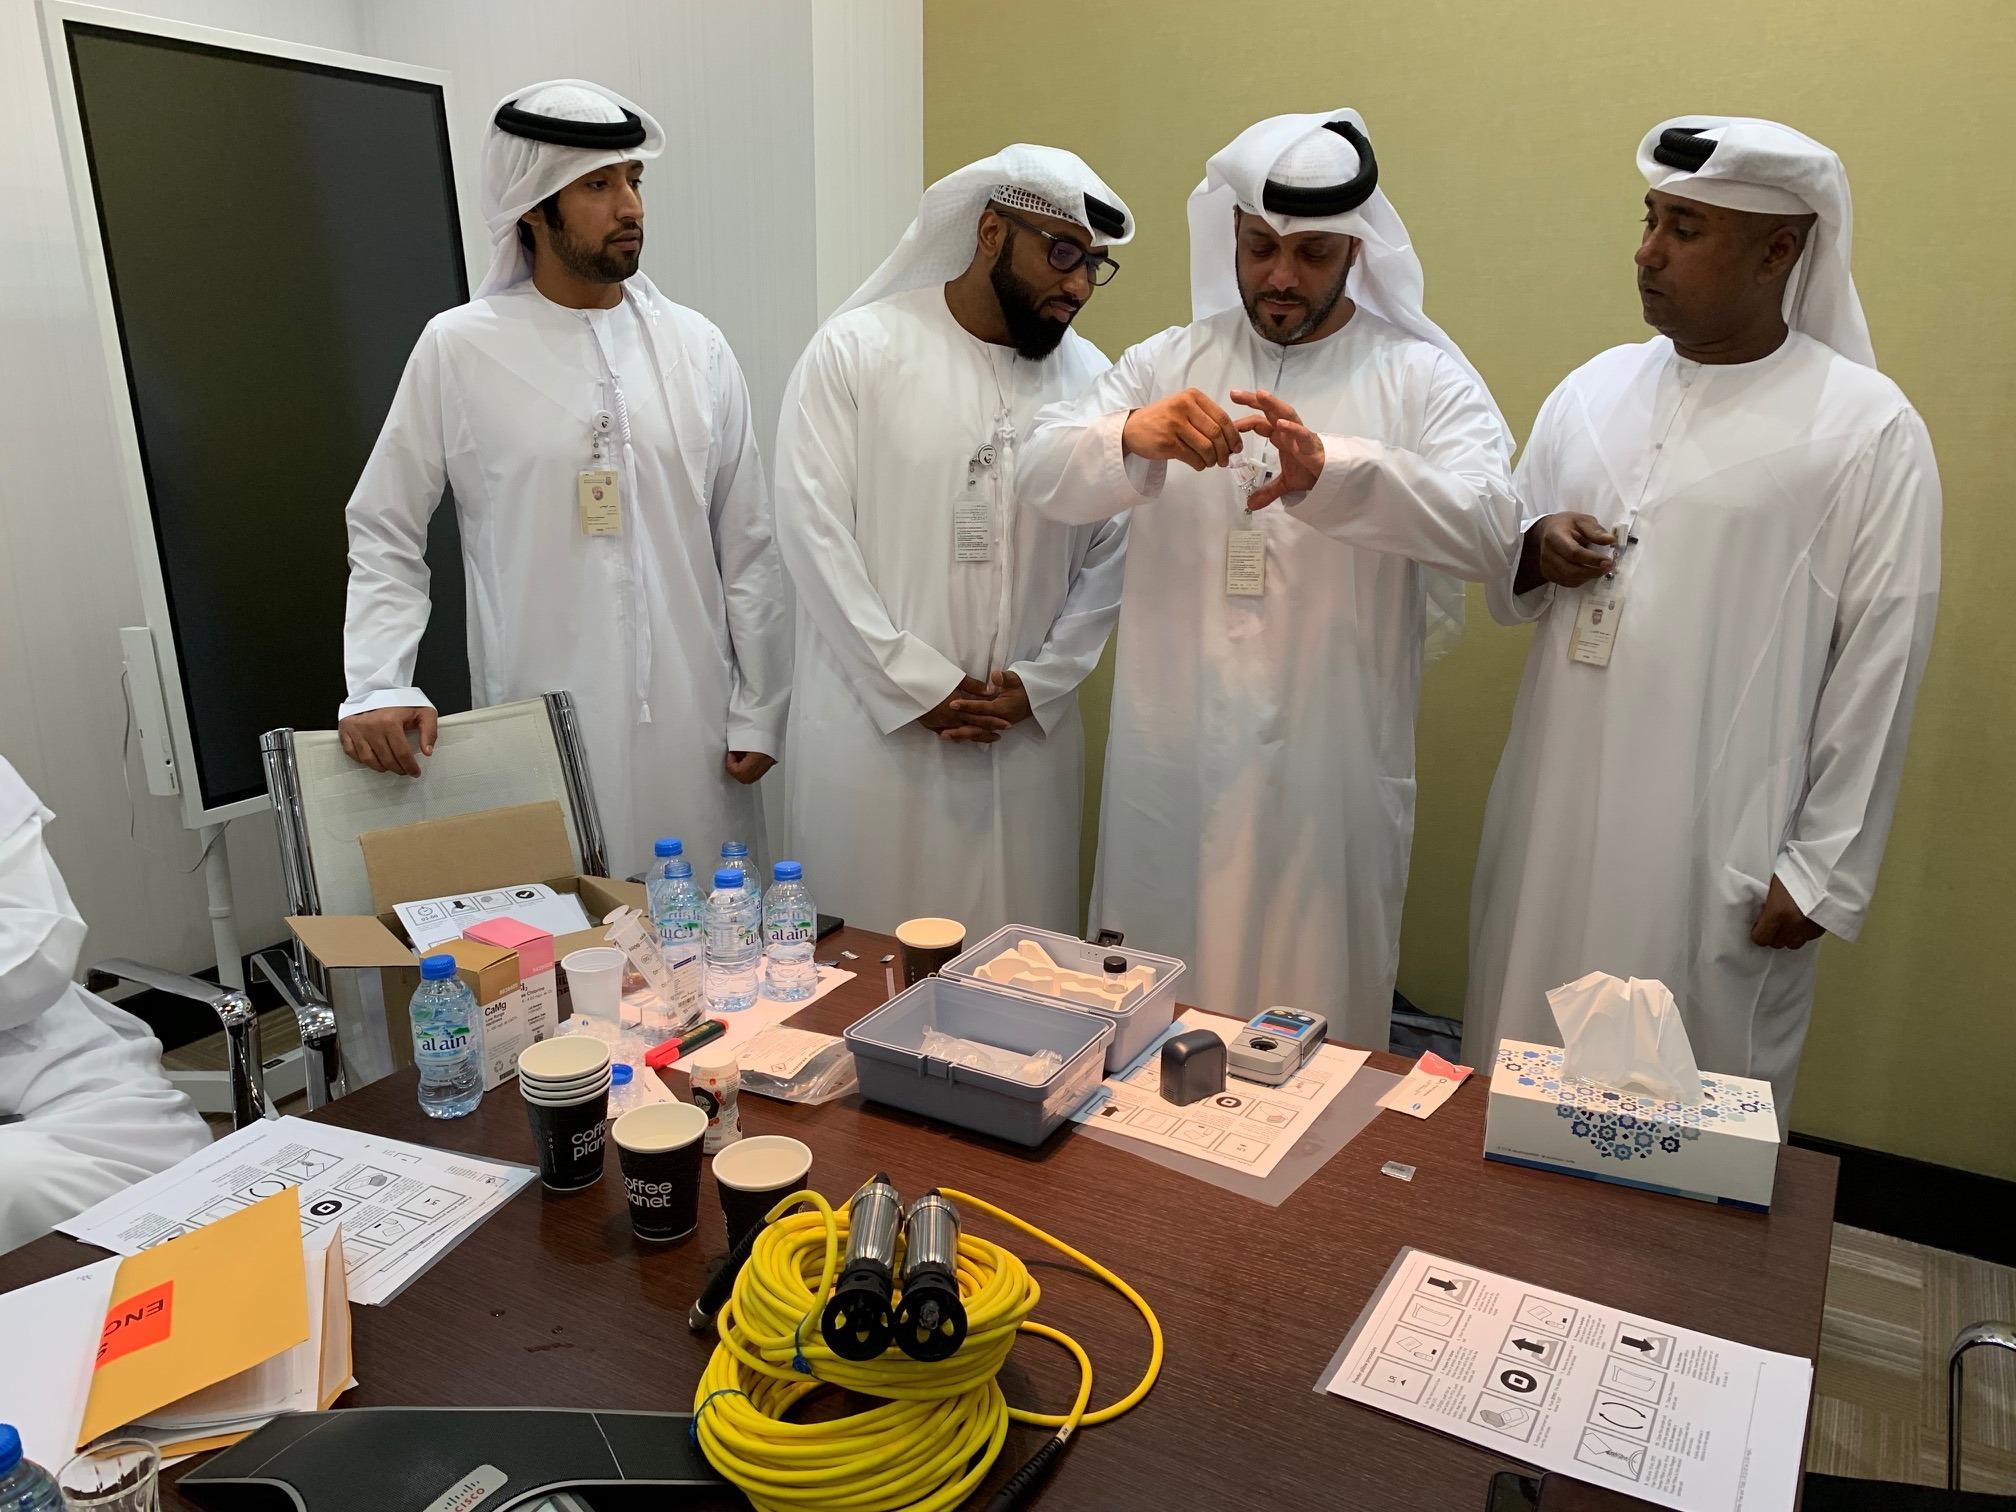 بلدية مدينة أبوظبي تستخدم أفضل التقنيات لتوفير السلامة للمجتمع